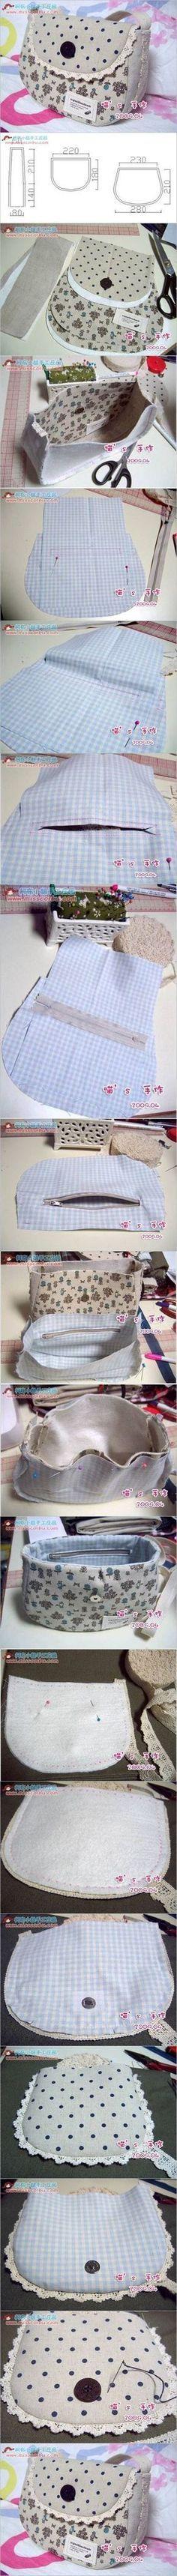 Was für eine schöne Tasche! <3